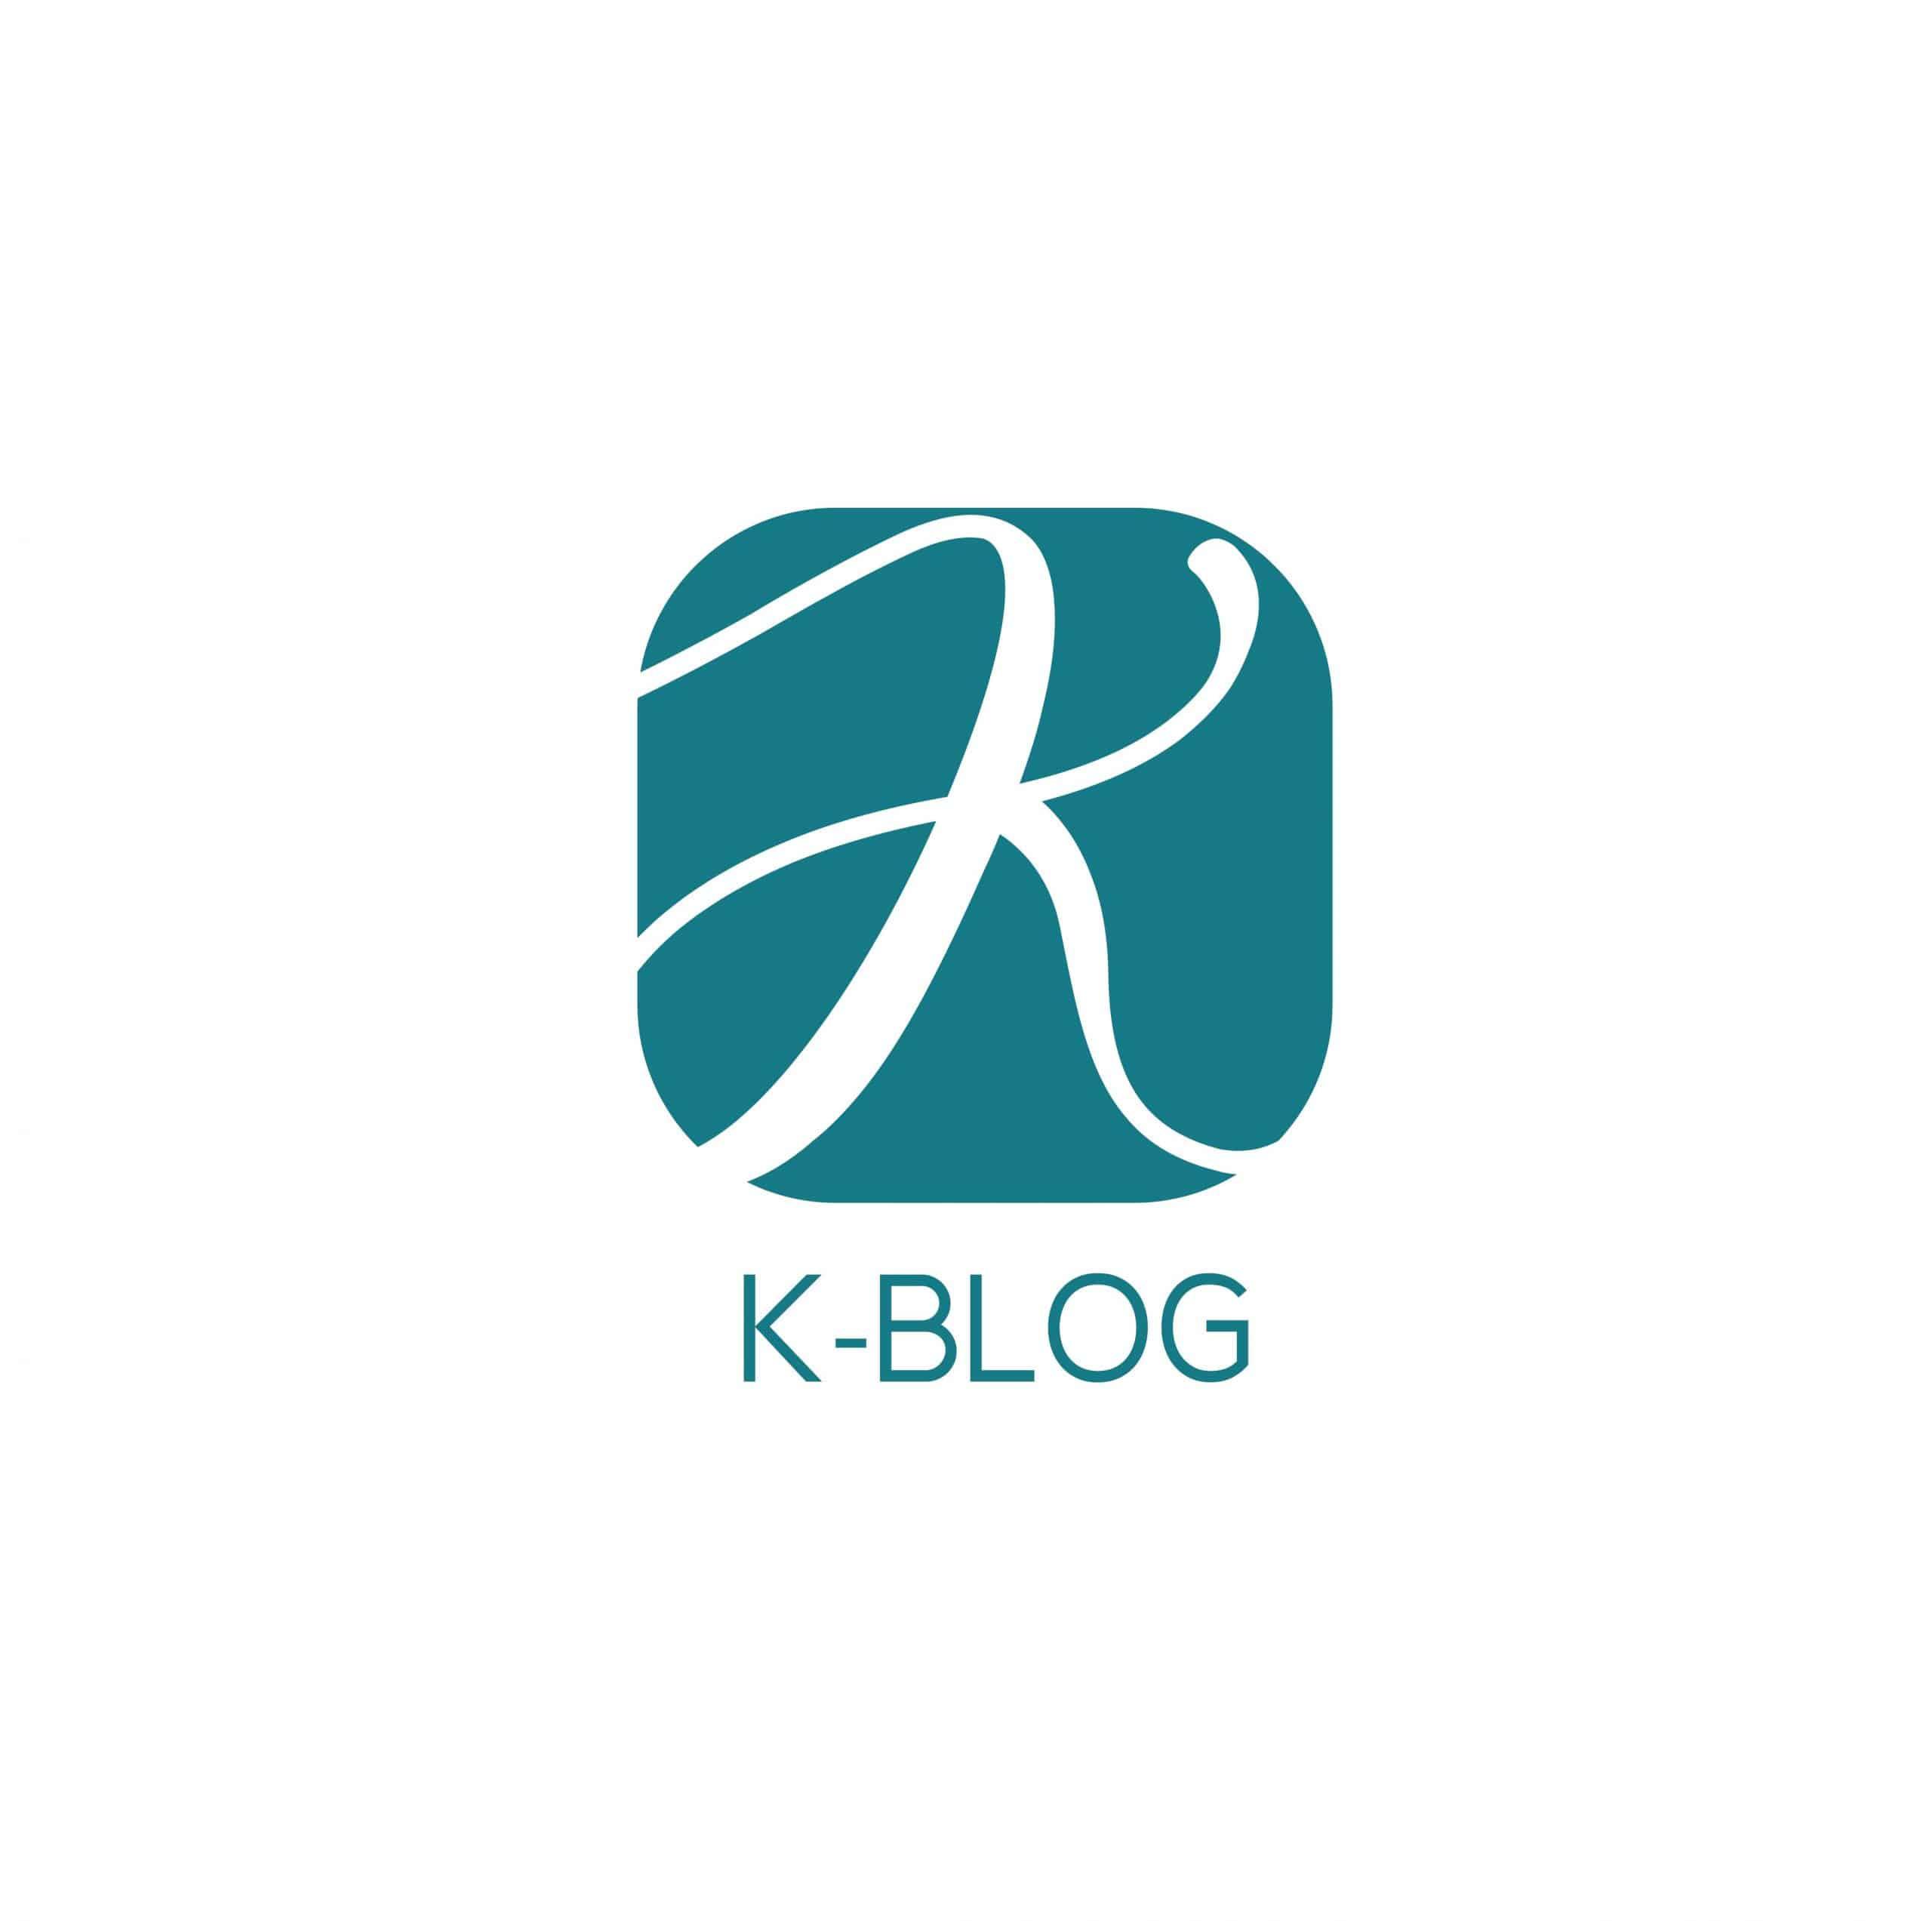 kombackblog.com